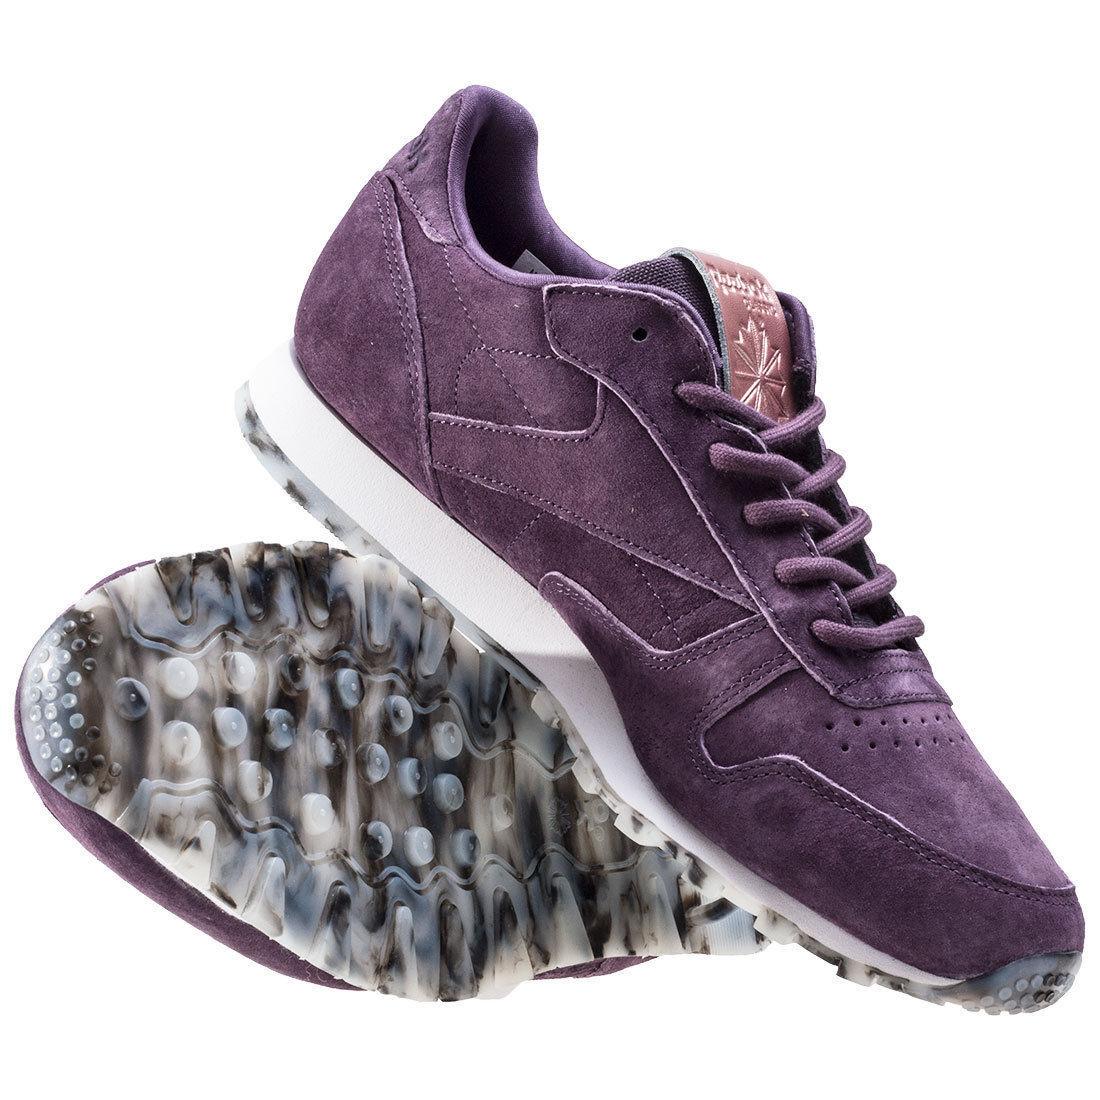 Reebok Cuero Clásico Mujer Shmr Shmr Shmr púrpuraa Zapatillas Medias BD1520 Talla 8.5  precio mas barato